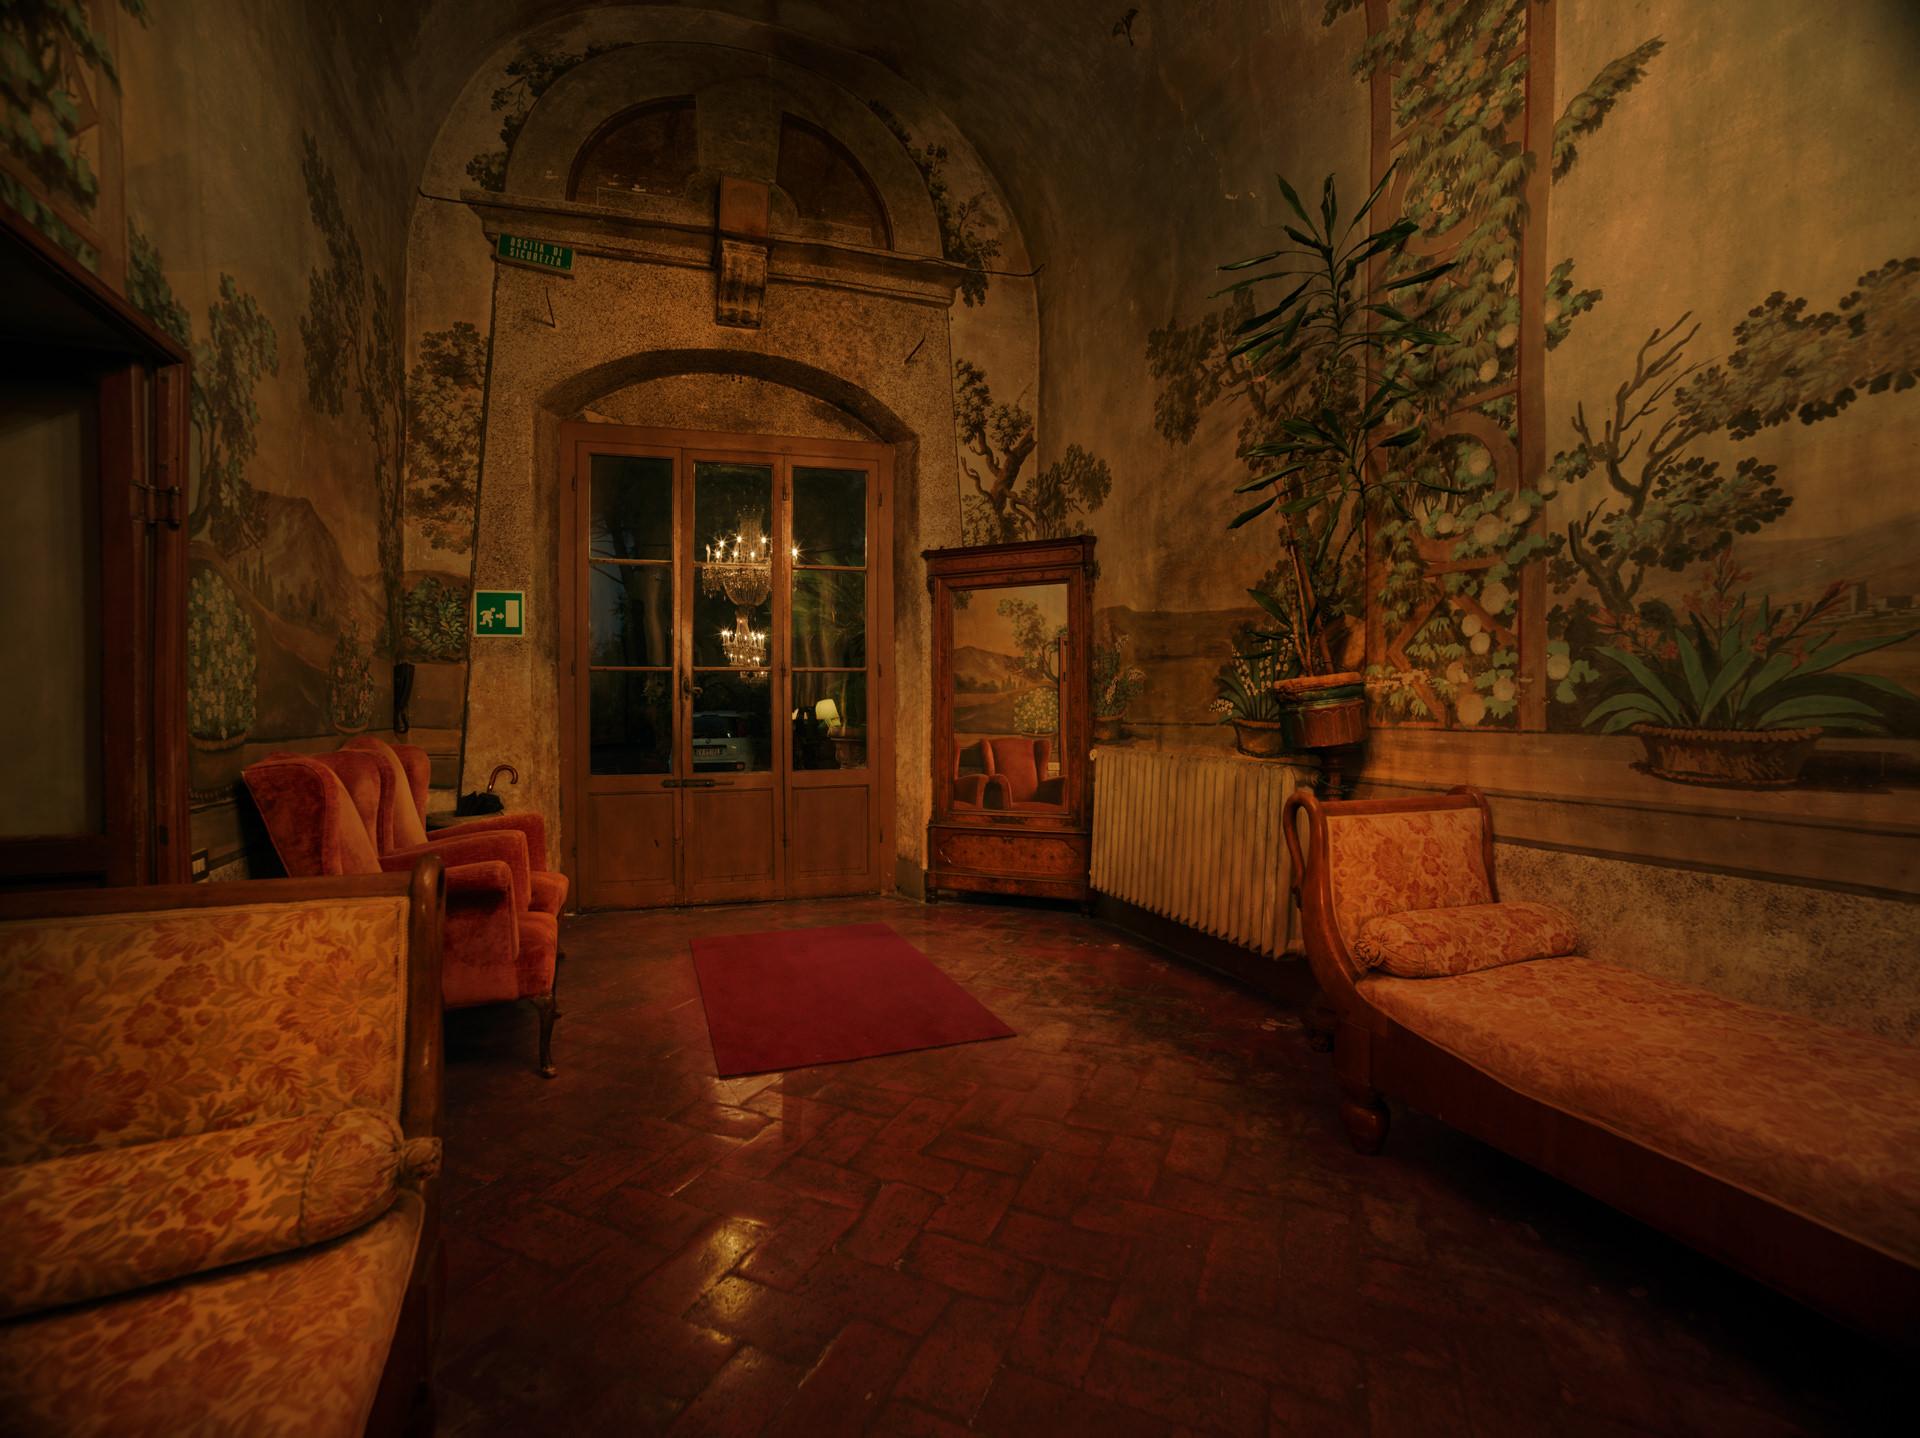 ©ankeluckmann1339, Villa Villoresi Hotel, Architecture, Interior, Italy, anke luckmann, interior